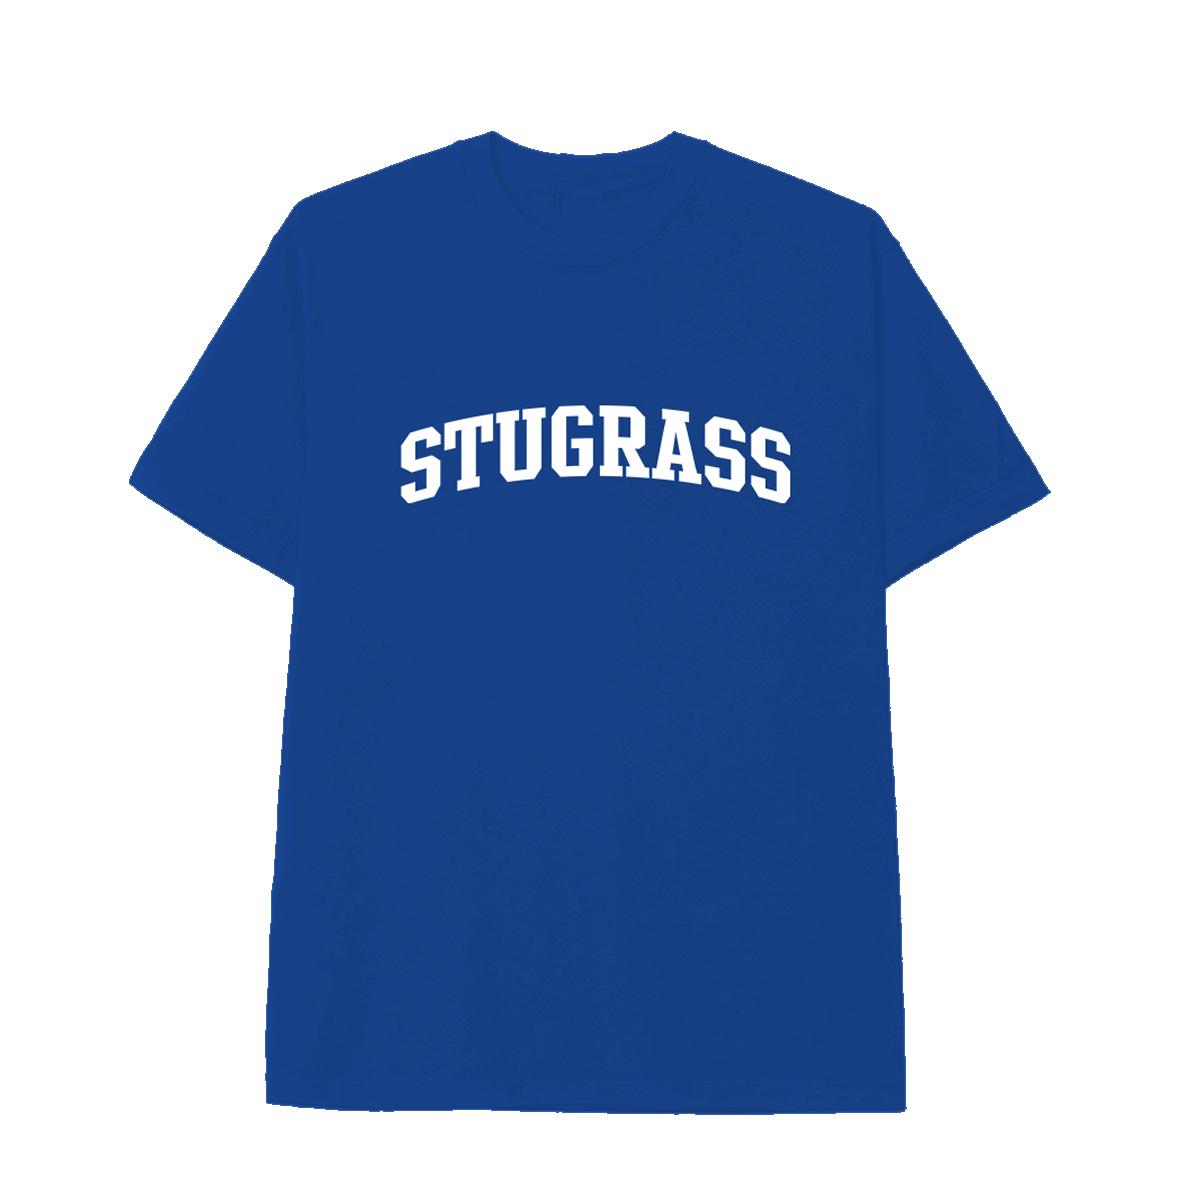 Stugrass Blue T-shirt